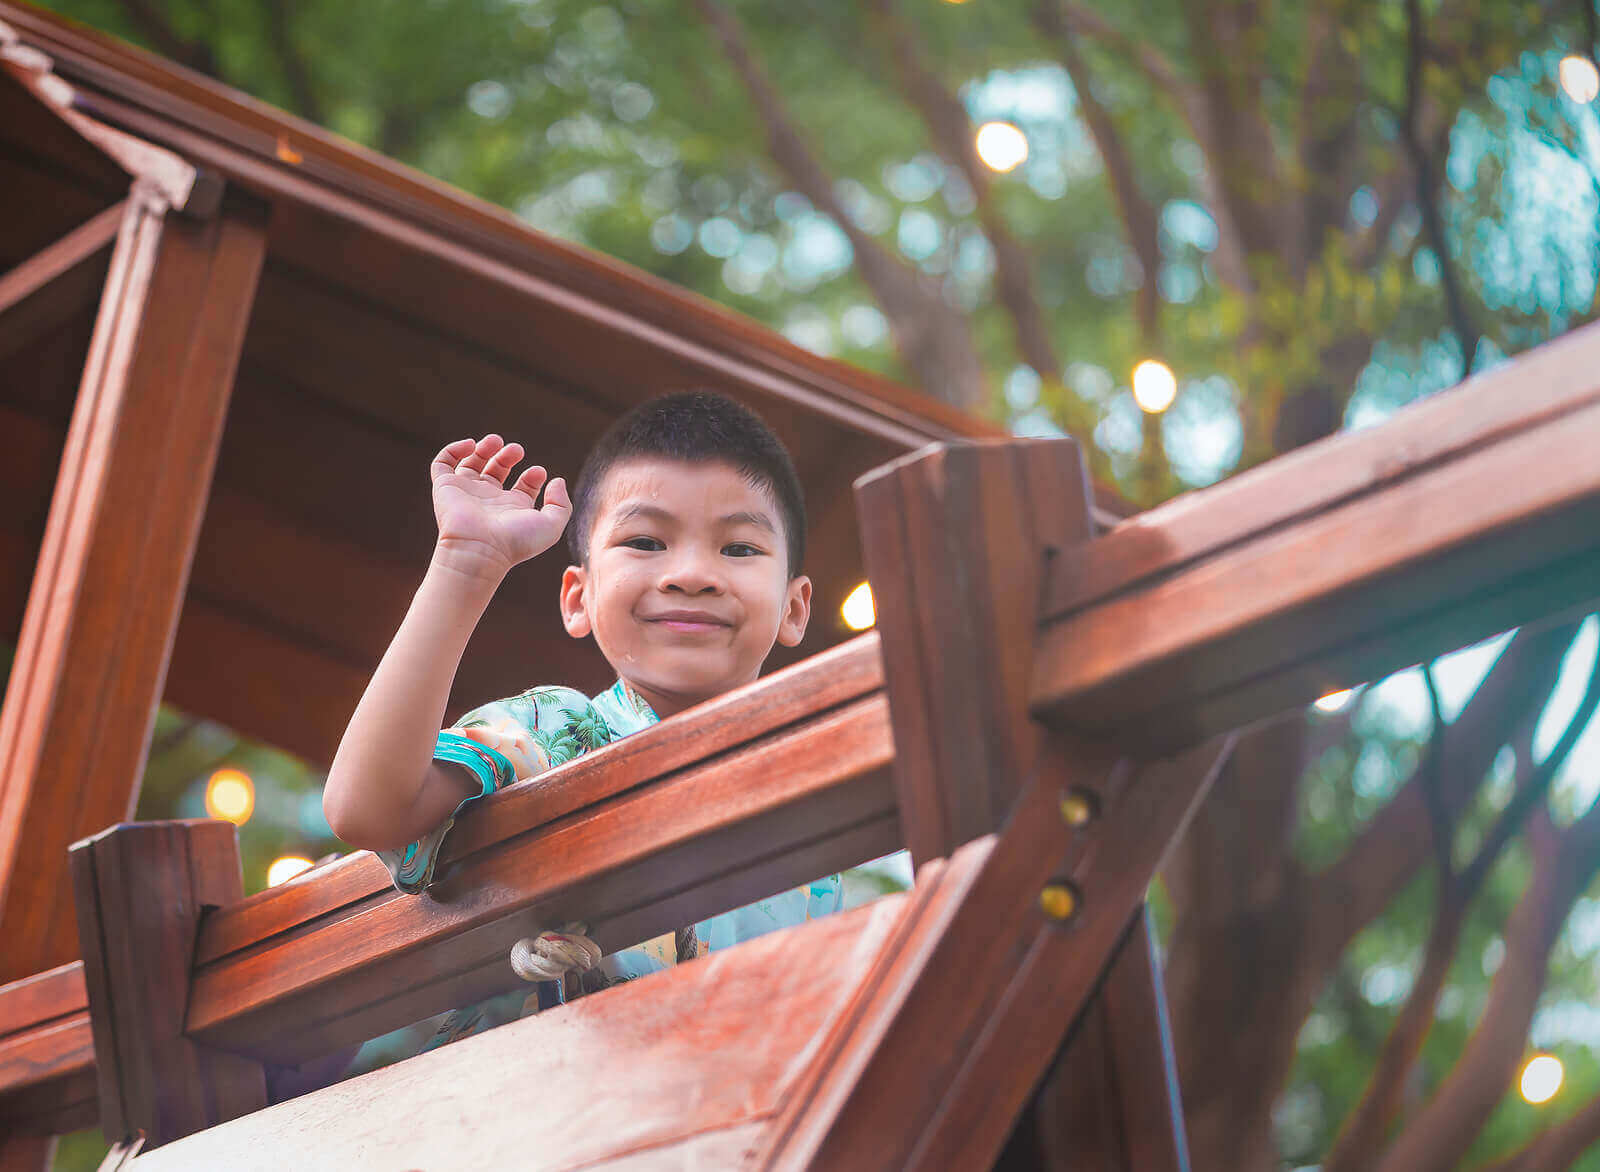 Strukturoimaton leikki on merkittävässä roolissa lapsen kehityksen kannalta